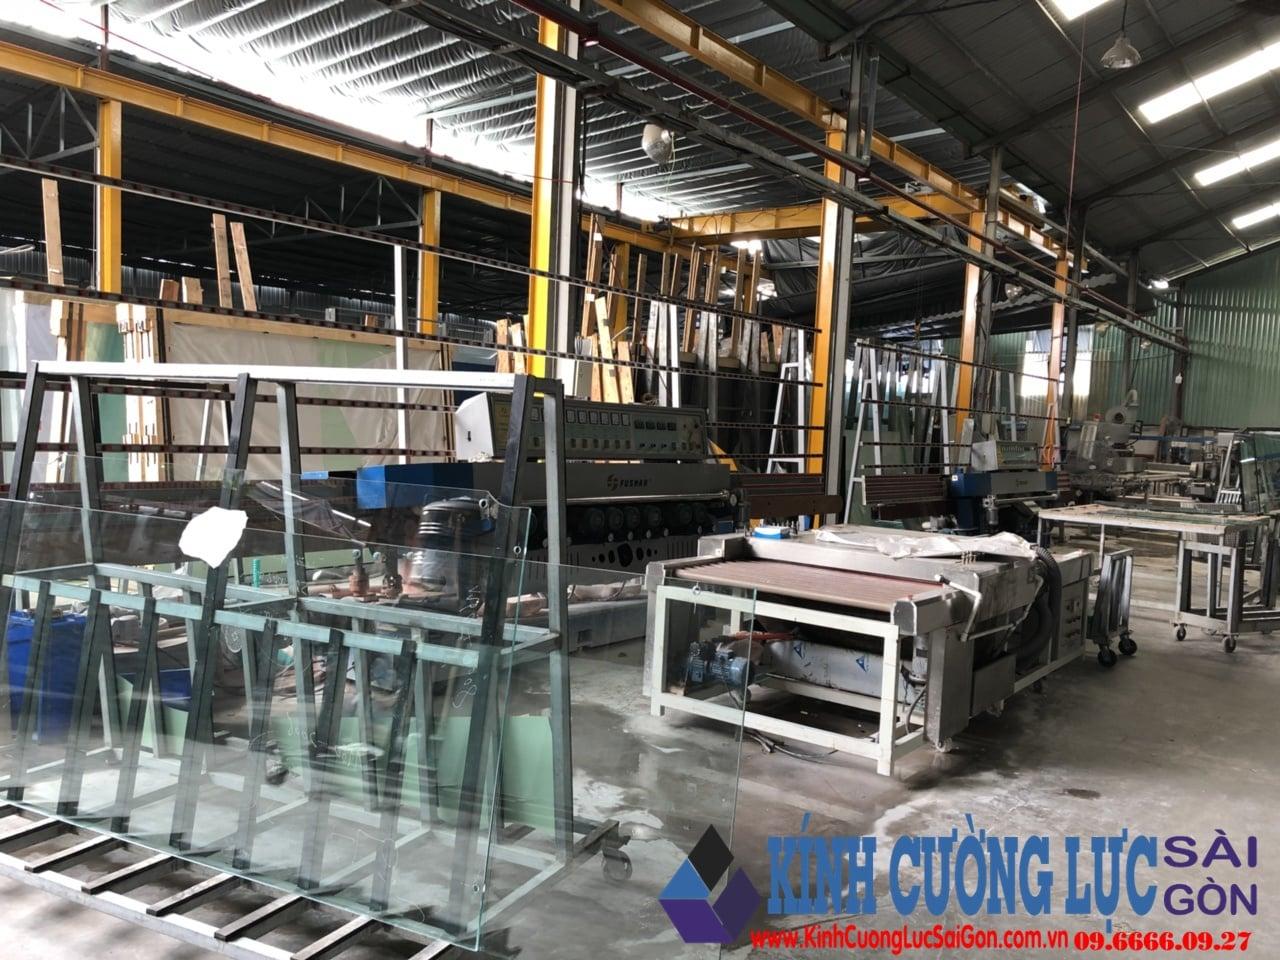 Cơ sở sản xuất kính cường lực